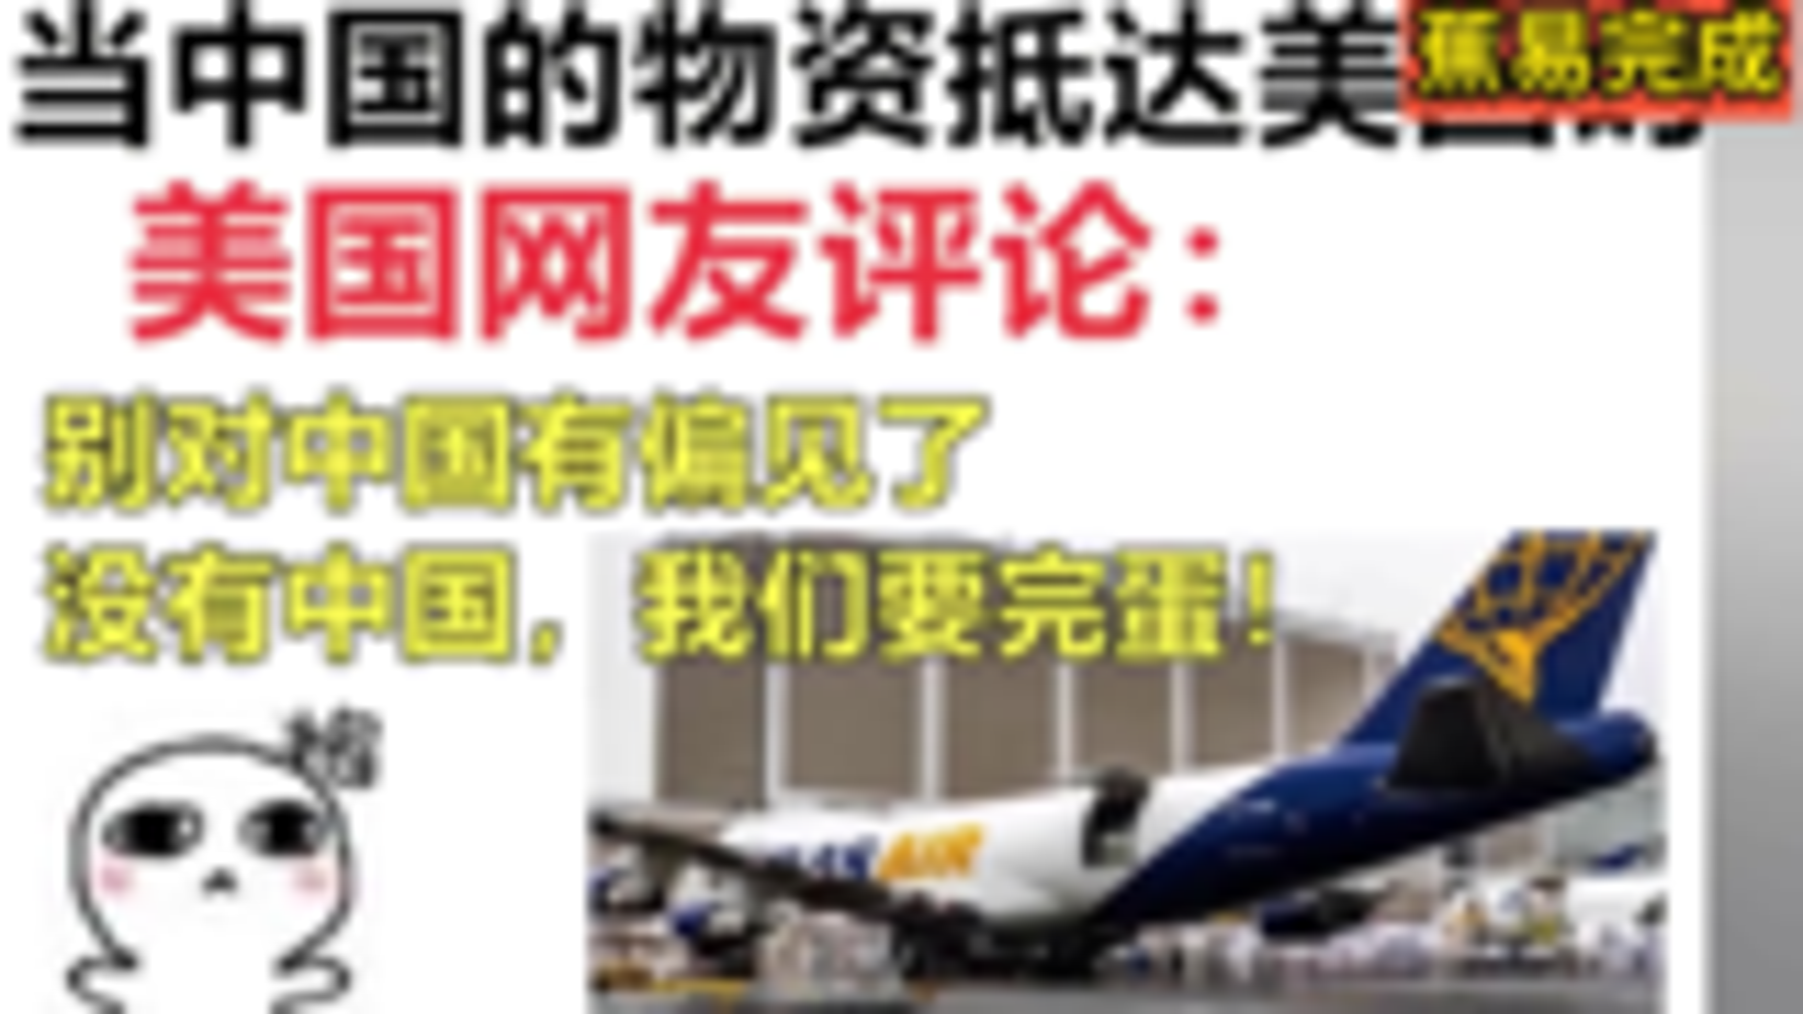 美国网友评论:别对中国有偏见了!【没有中国,我们要完蛋!】